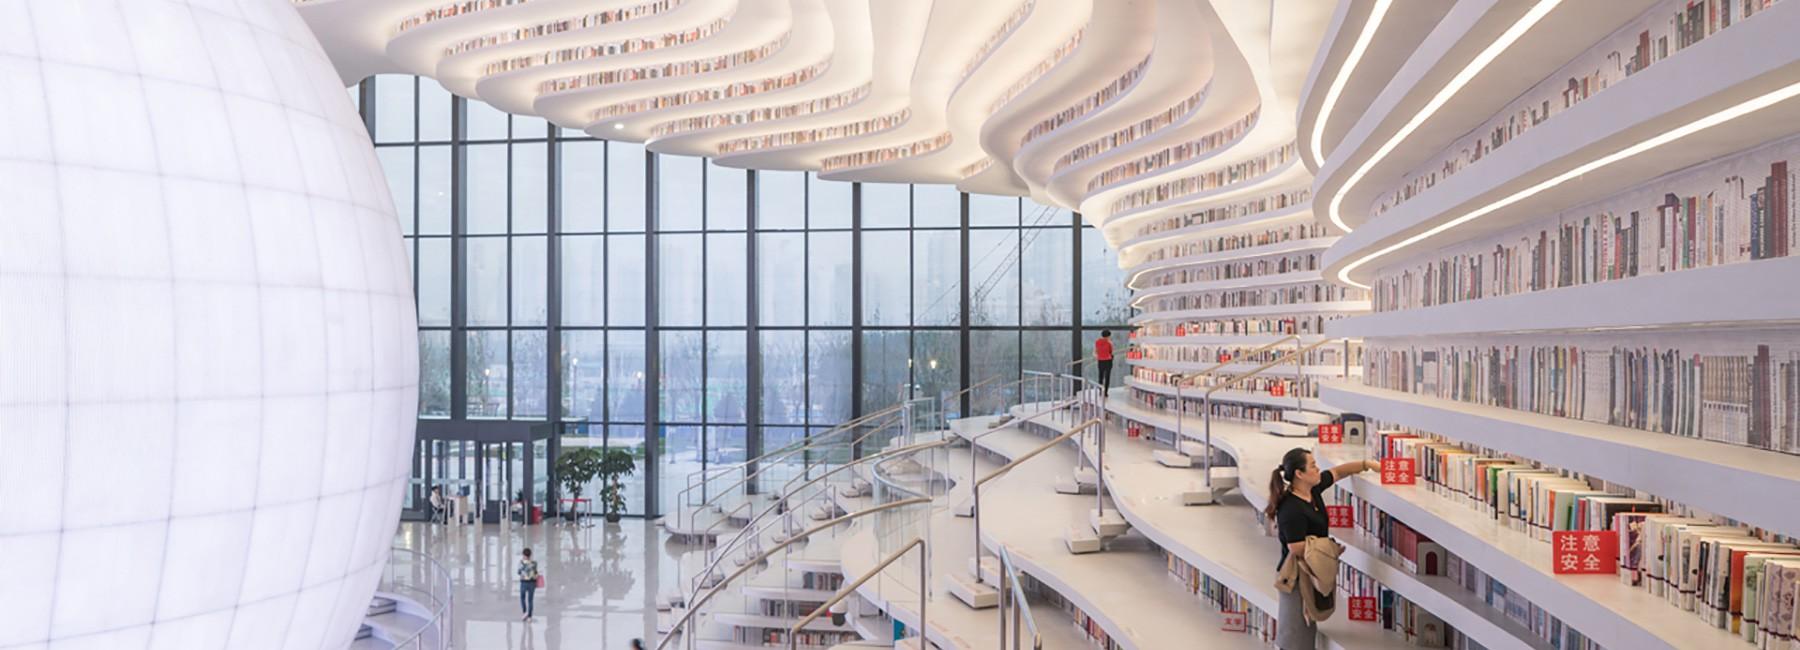 Ngắm thư viện đẹp nhất thế giới vừa được mở cửa tại Trung Quốc - Ảnh 9.